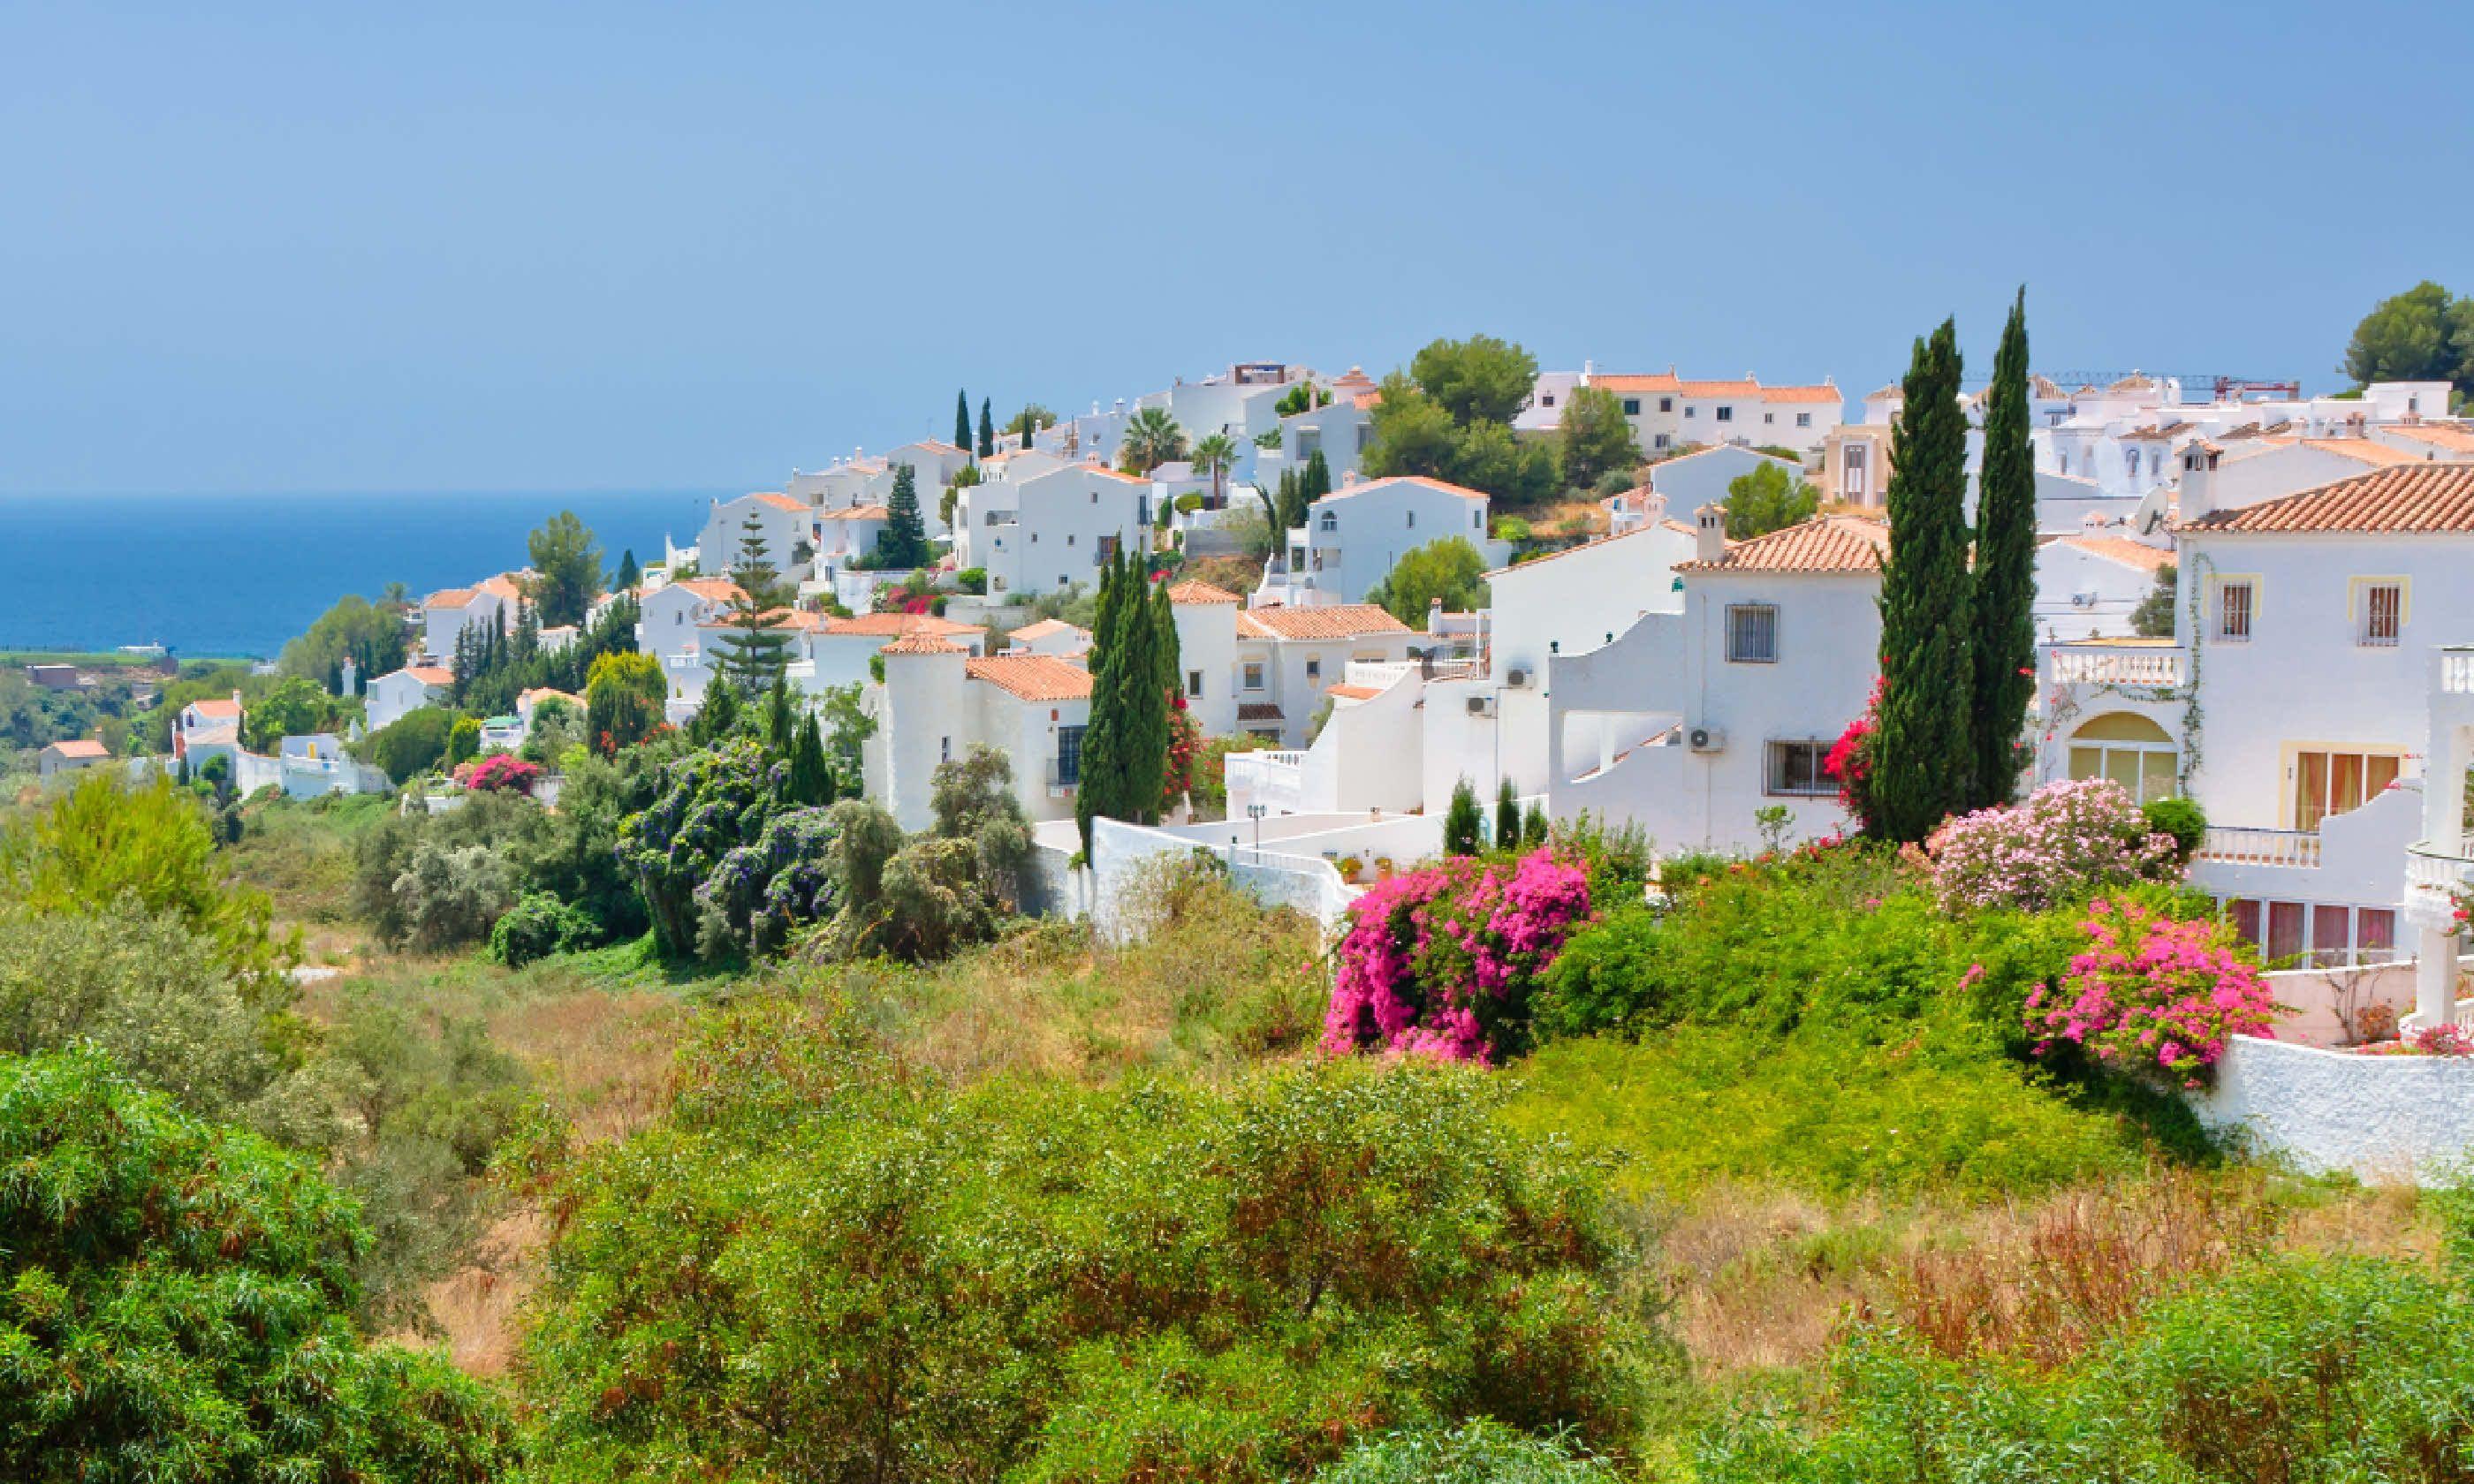 Nerja, Spain (Shutterstock)